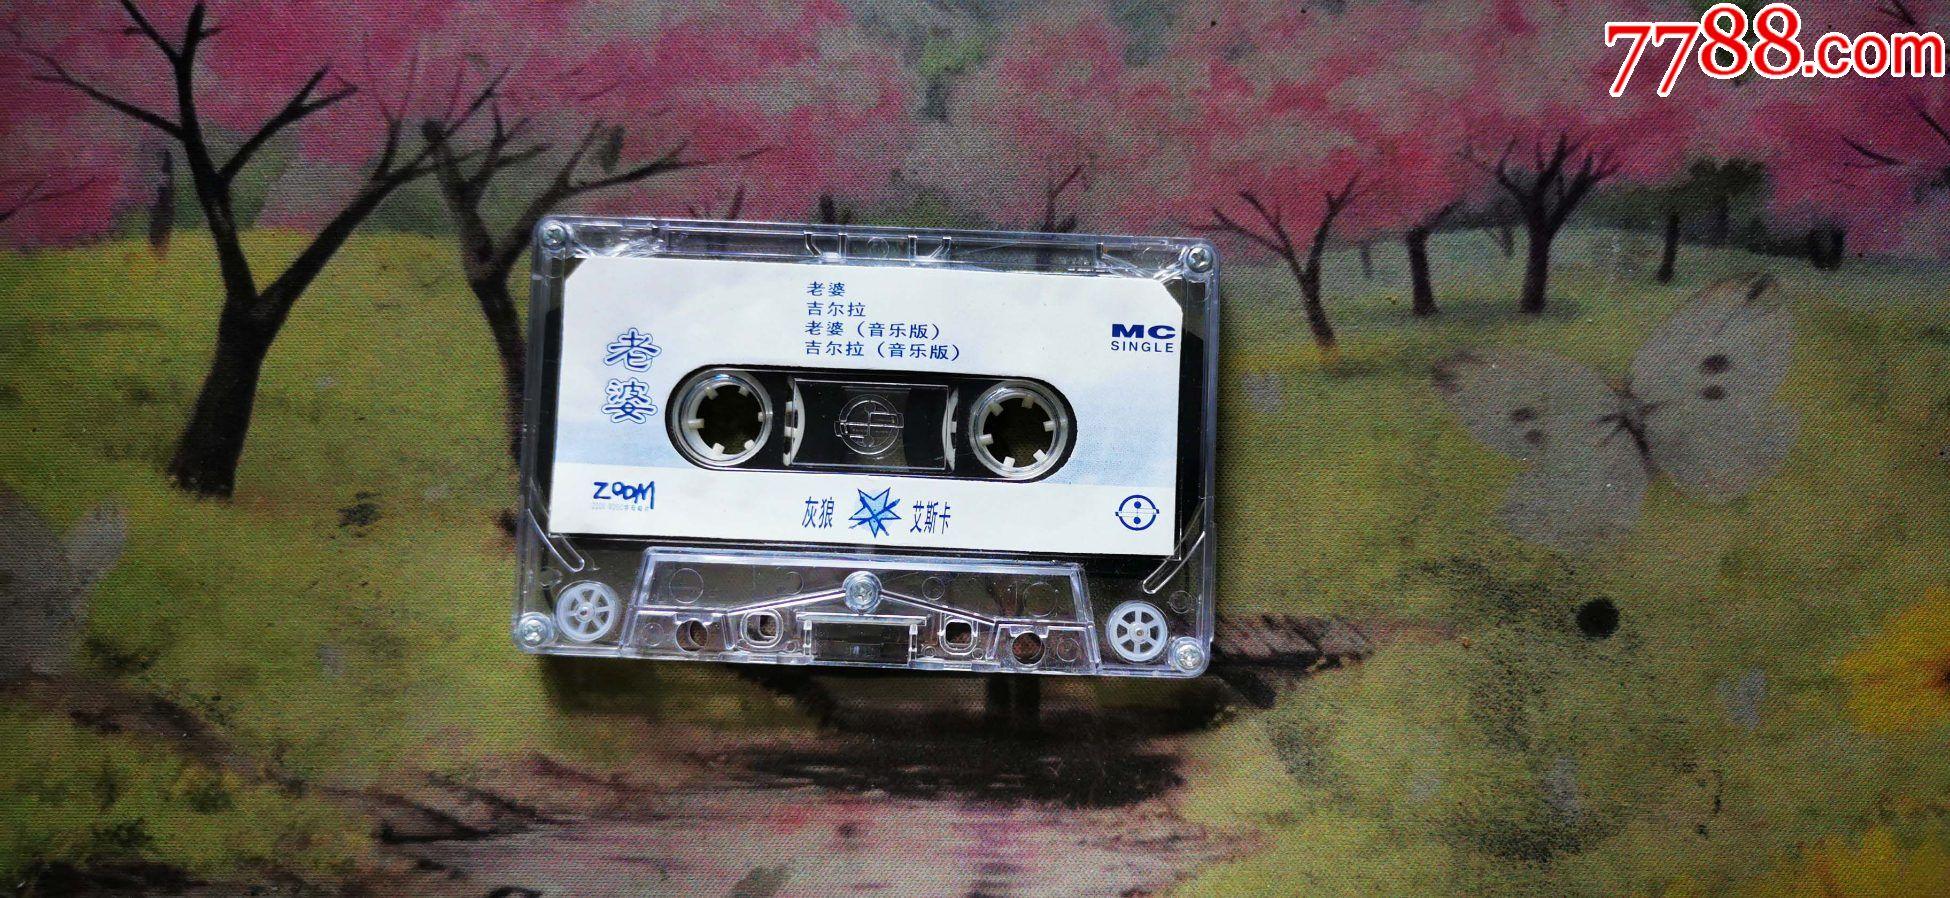 【灰狼艾斯卡】【老婆】【磁带】_价格84元_第6张_